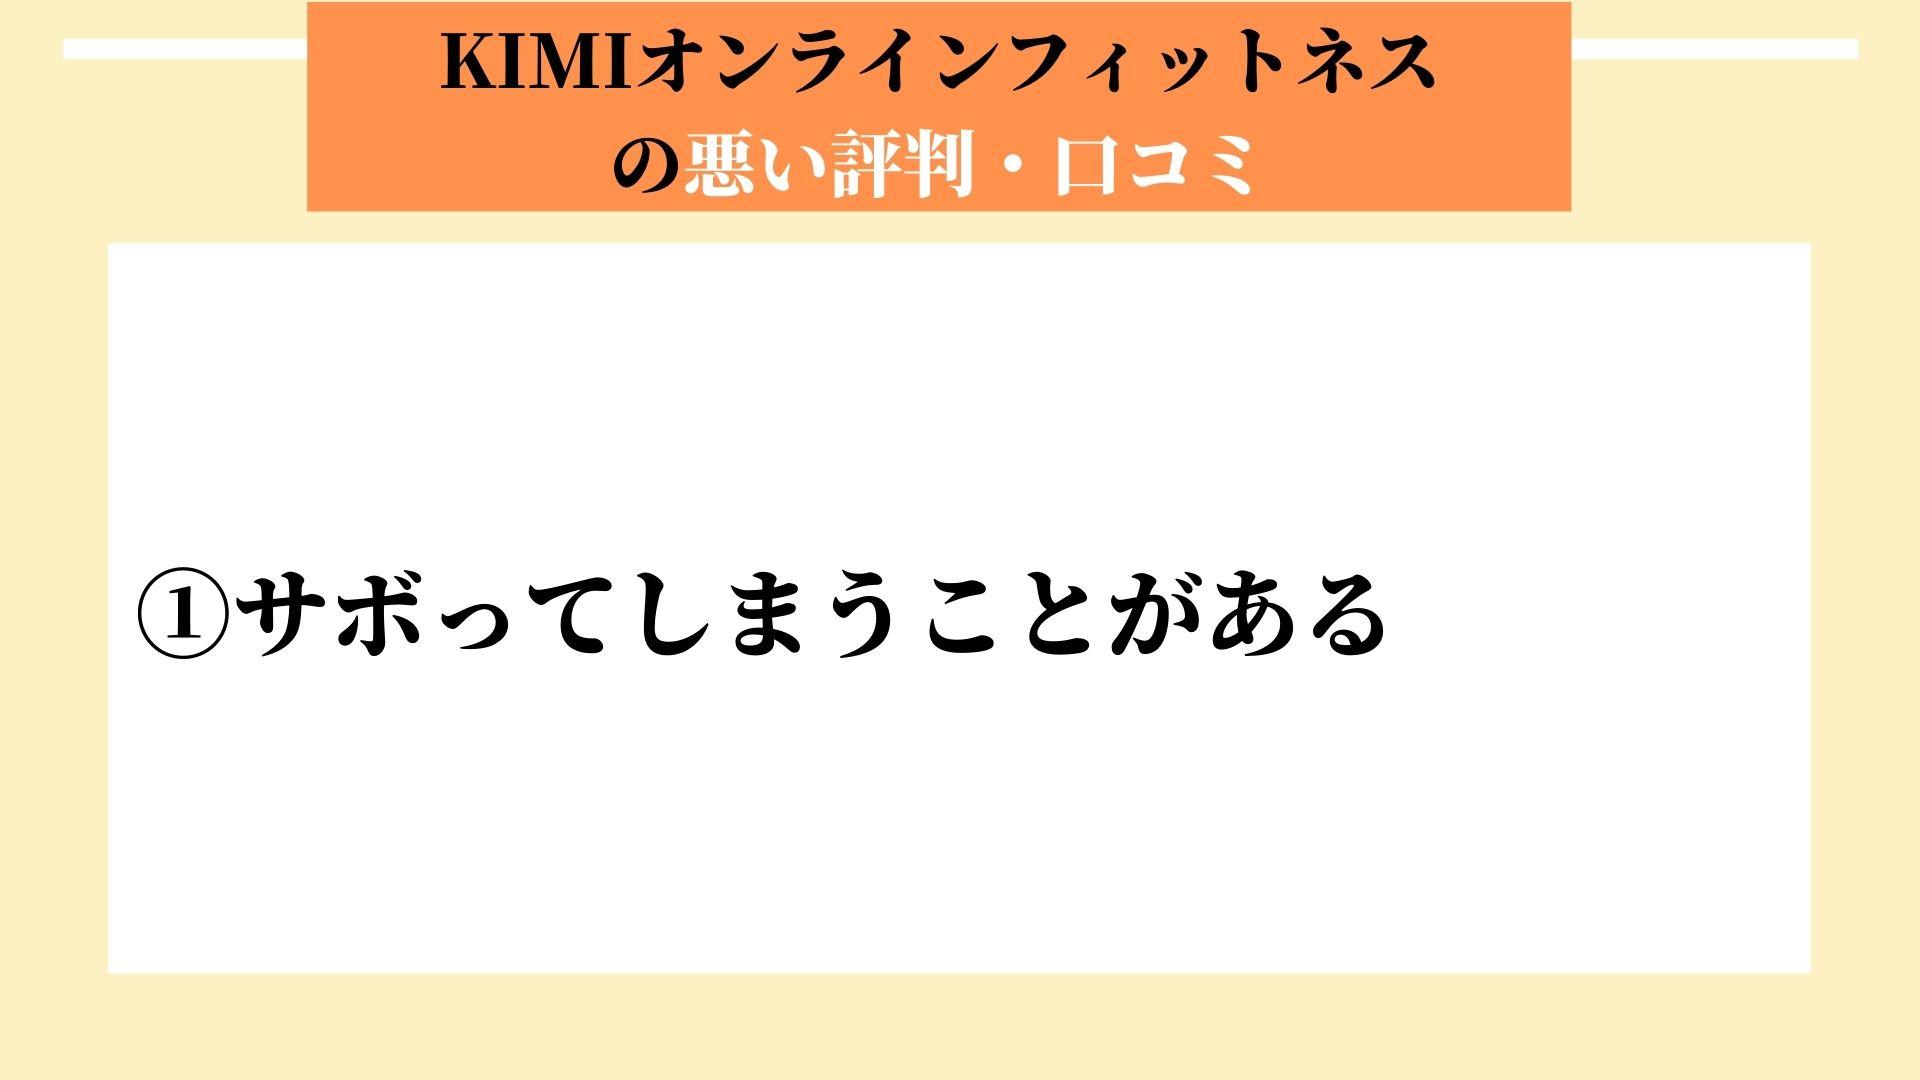 KIMIオンラインフィットネス 悪い